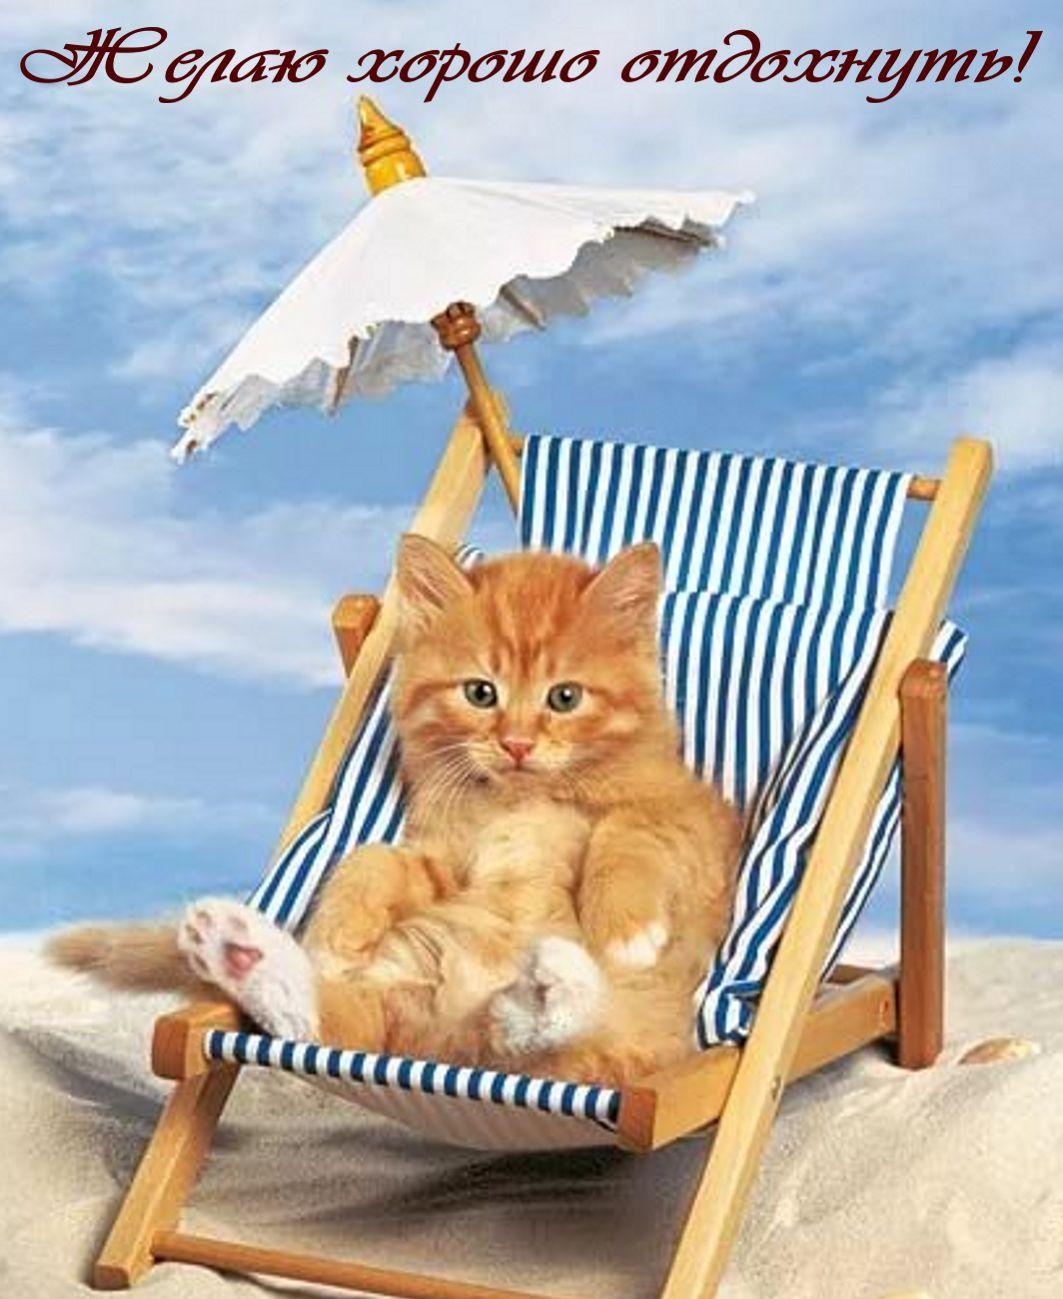 Котенок в шезлонге желает хорошо отдохнуть